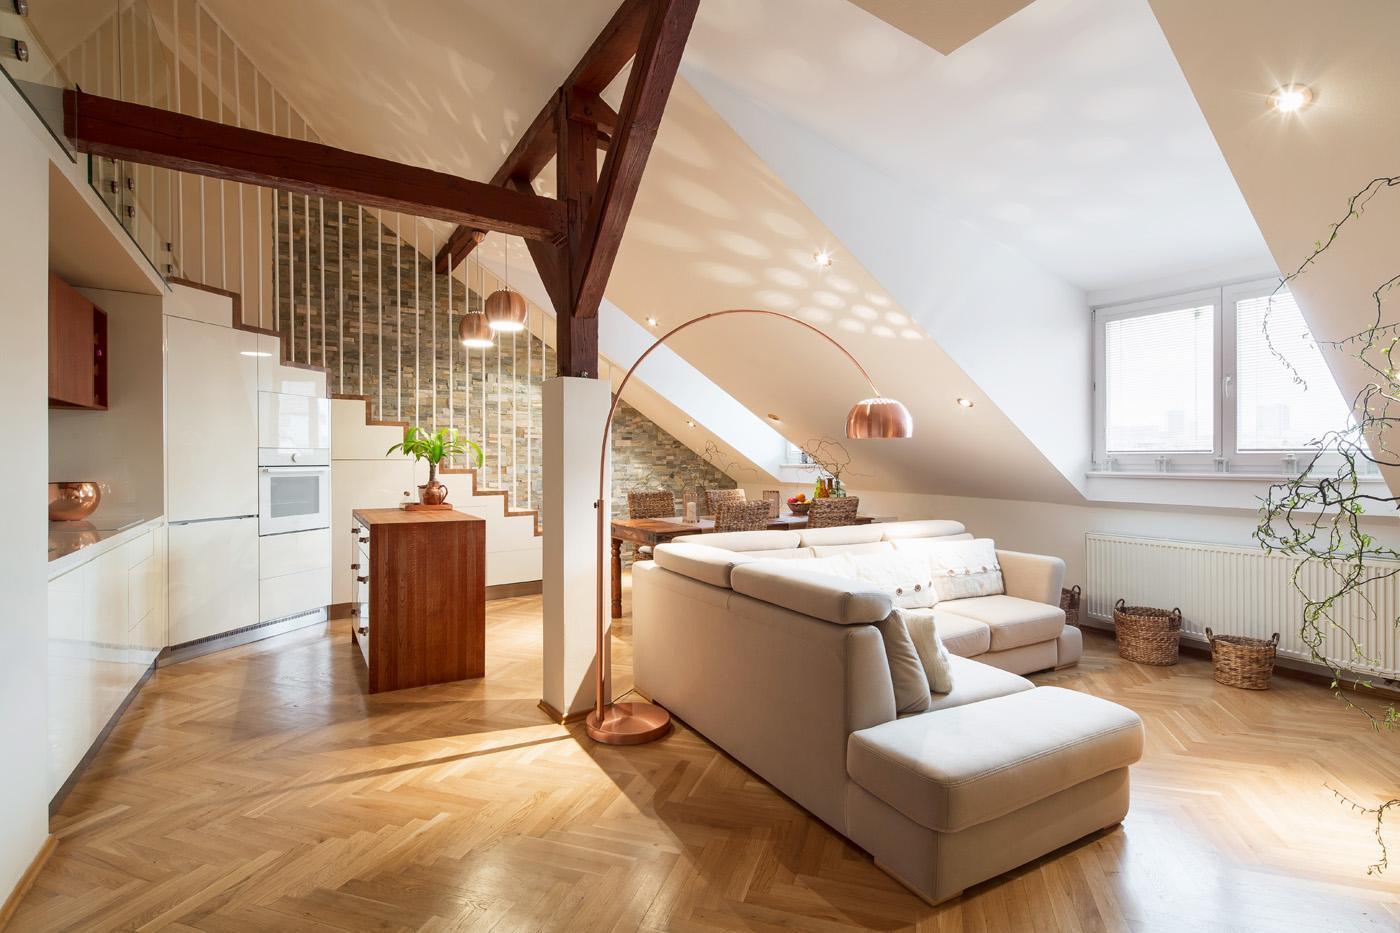 Obývací pokoj spojený s jídelnou - Byt Vinohrady